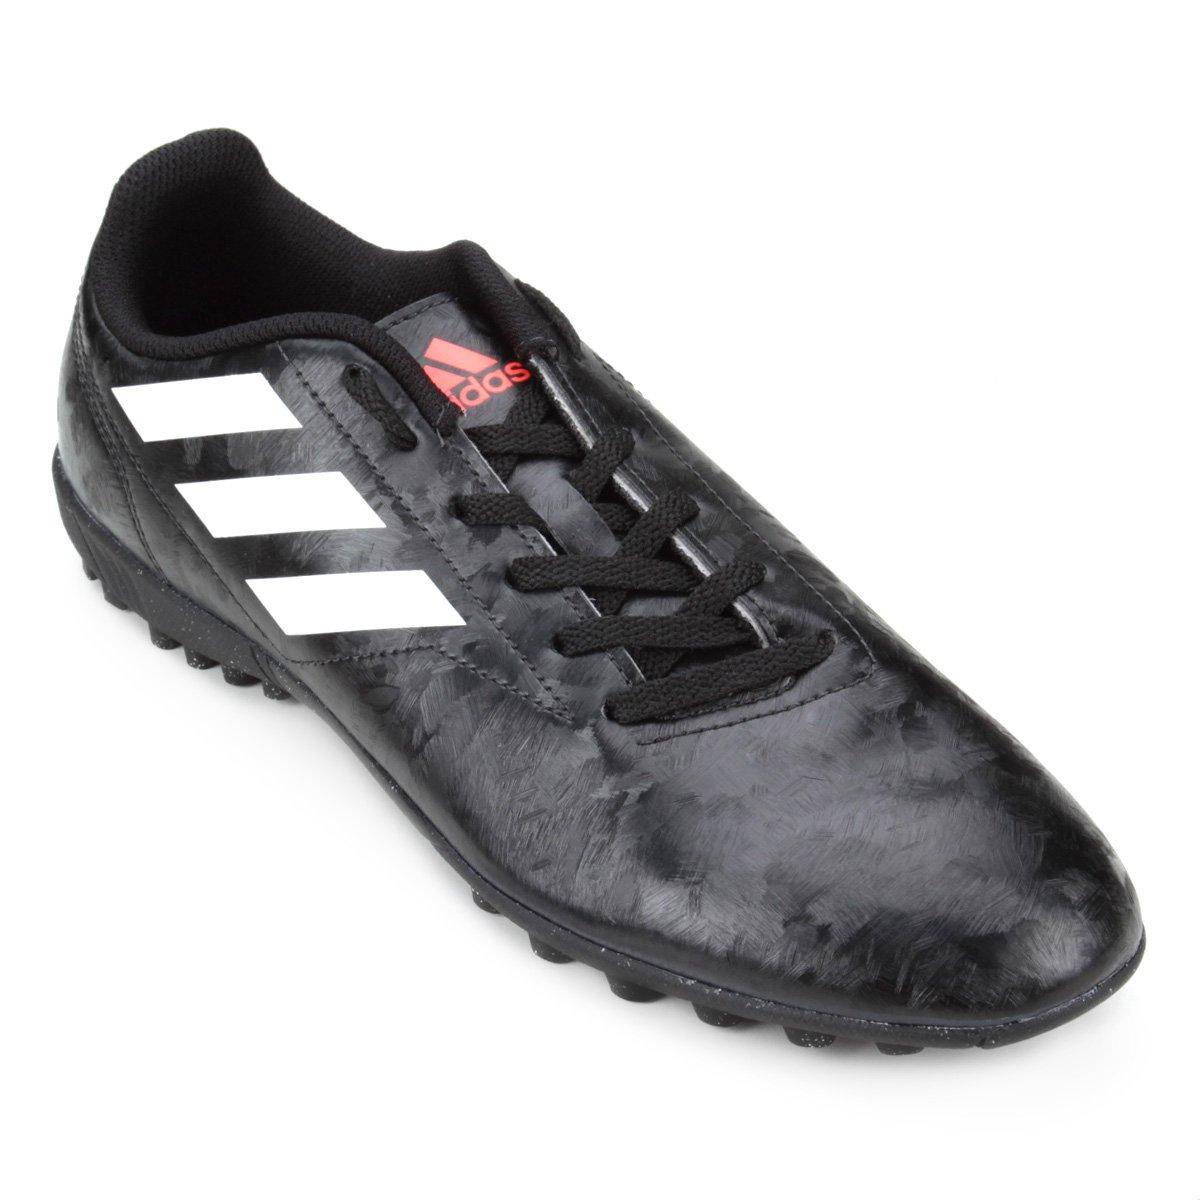 4e202478b3922 Chuteira Adidas Conquisto II Society TF - Tam: 39 - Shopping TudoAzul